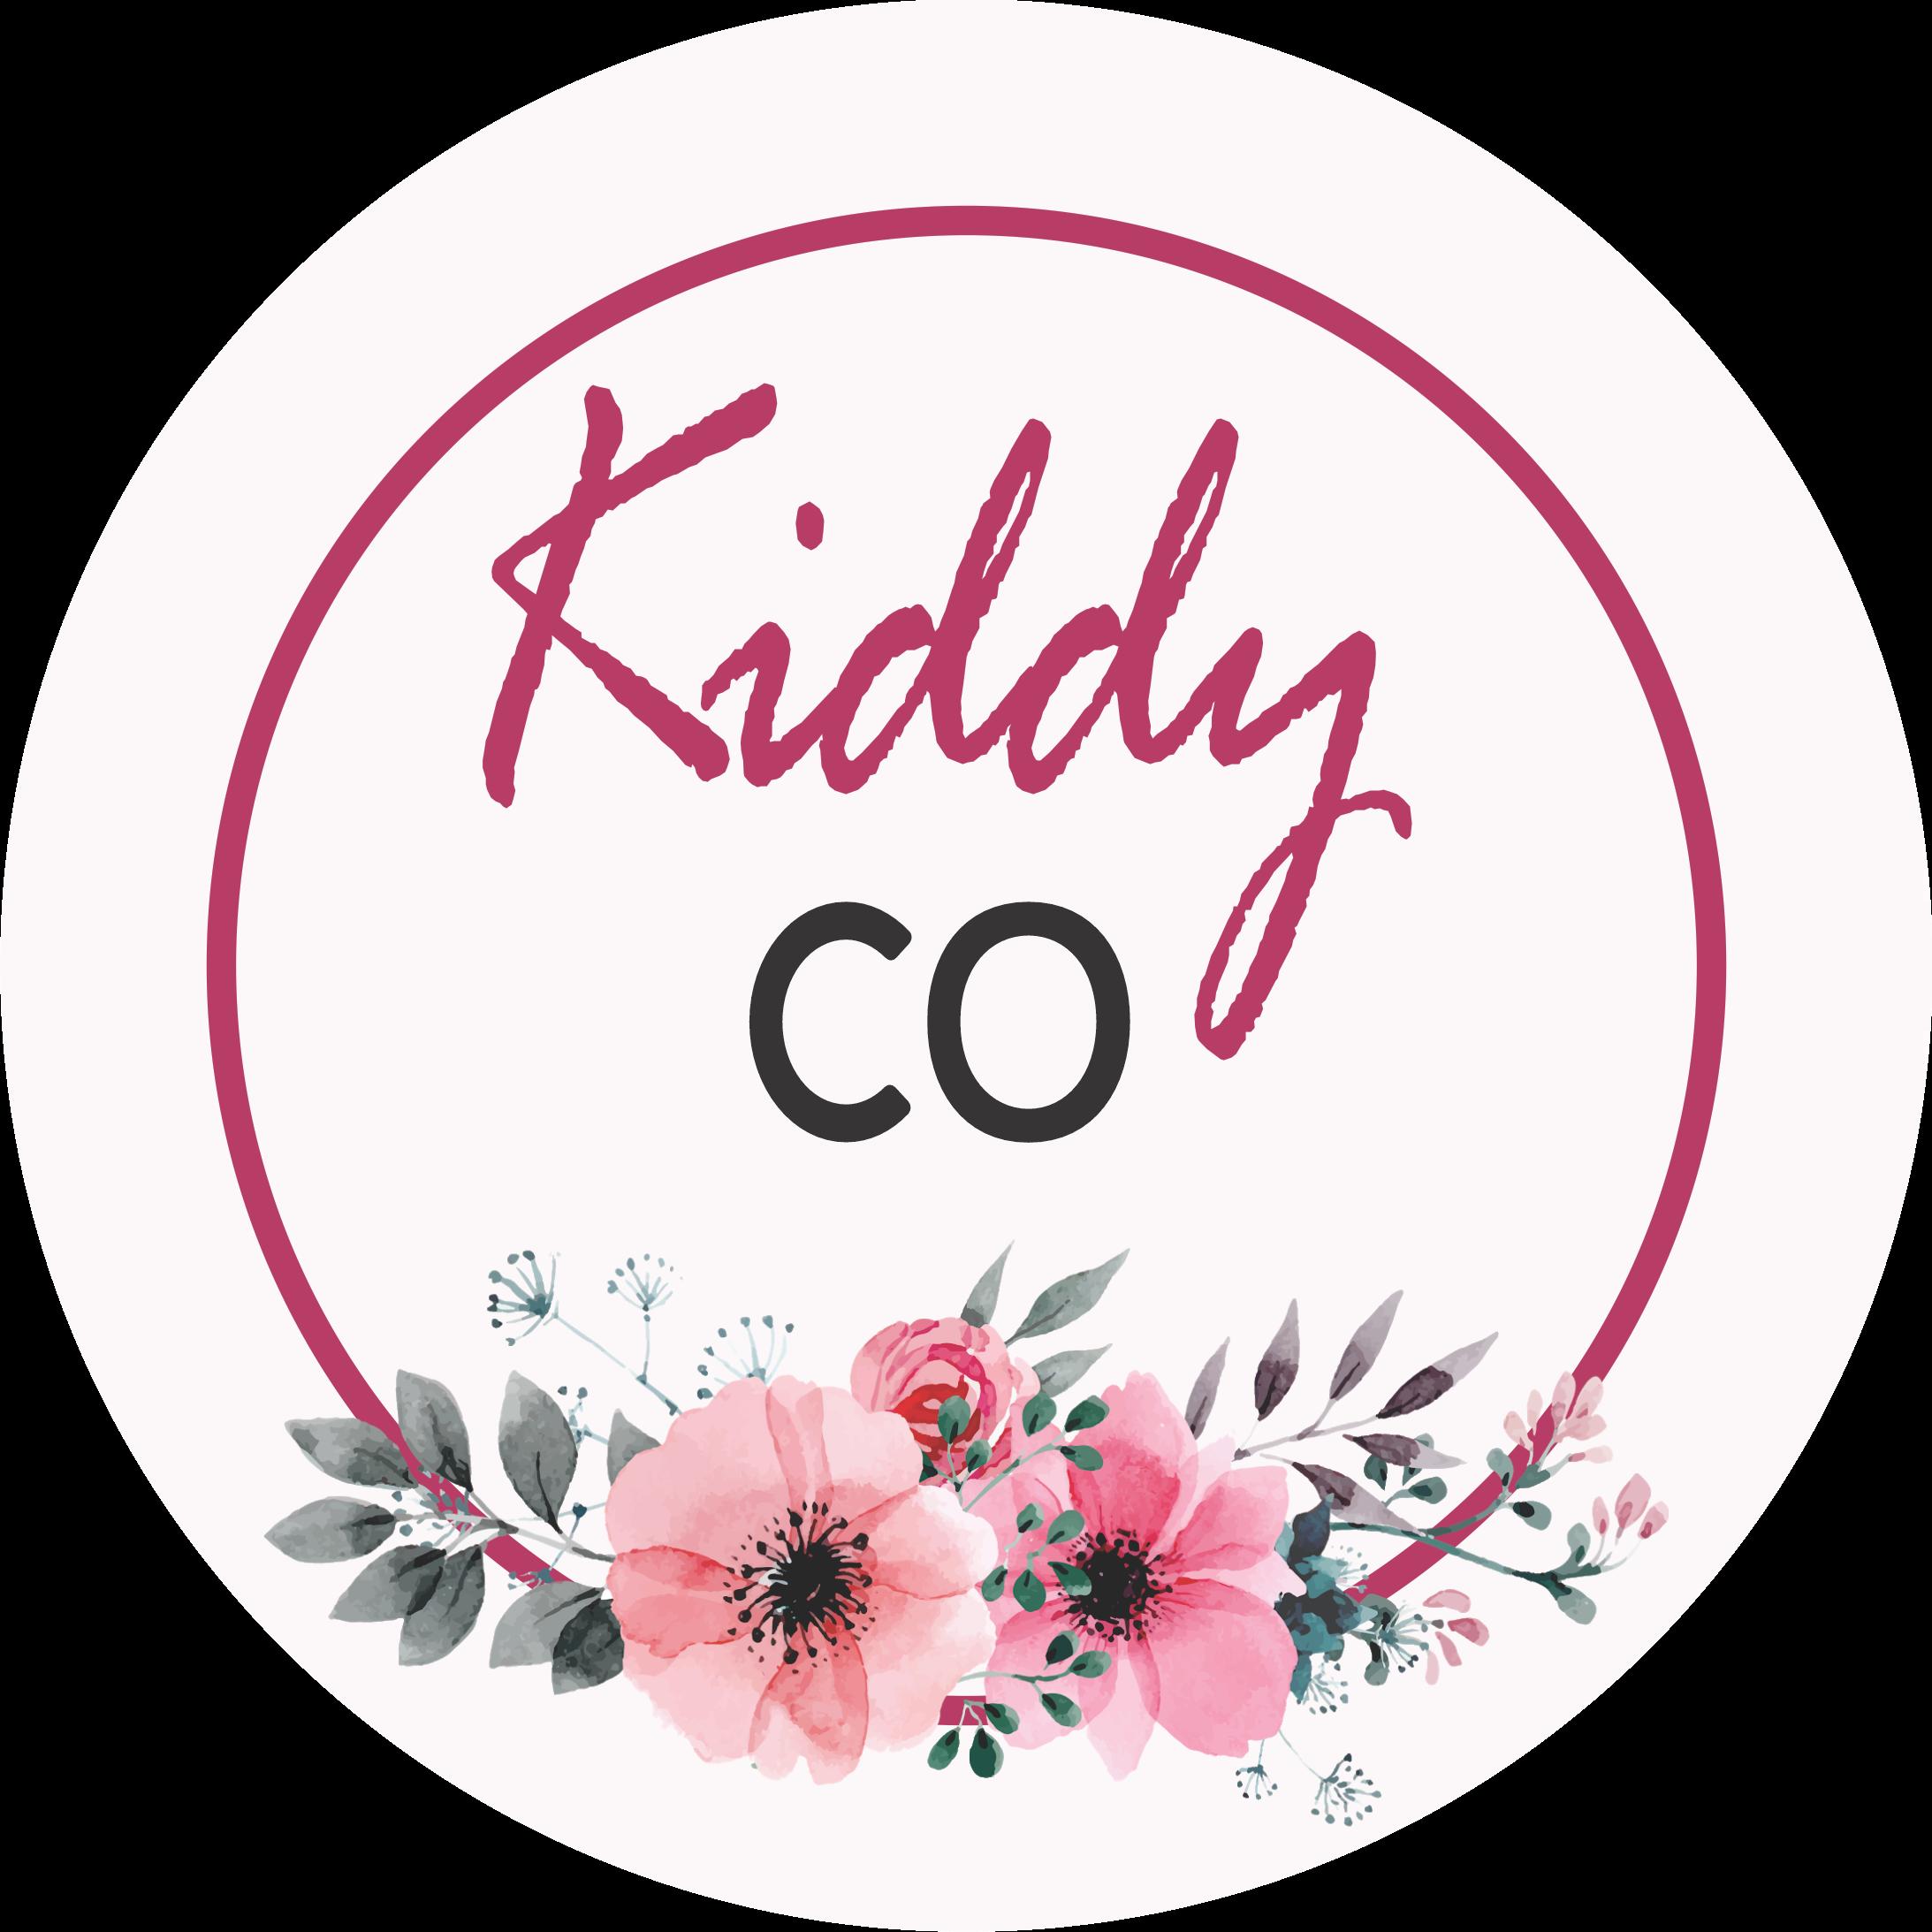 Kiddy Co